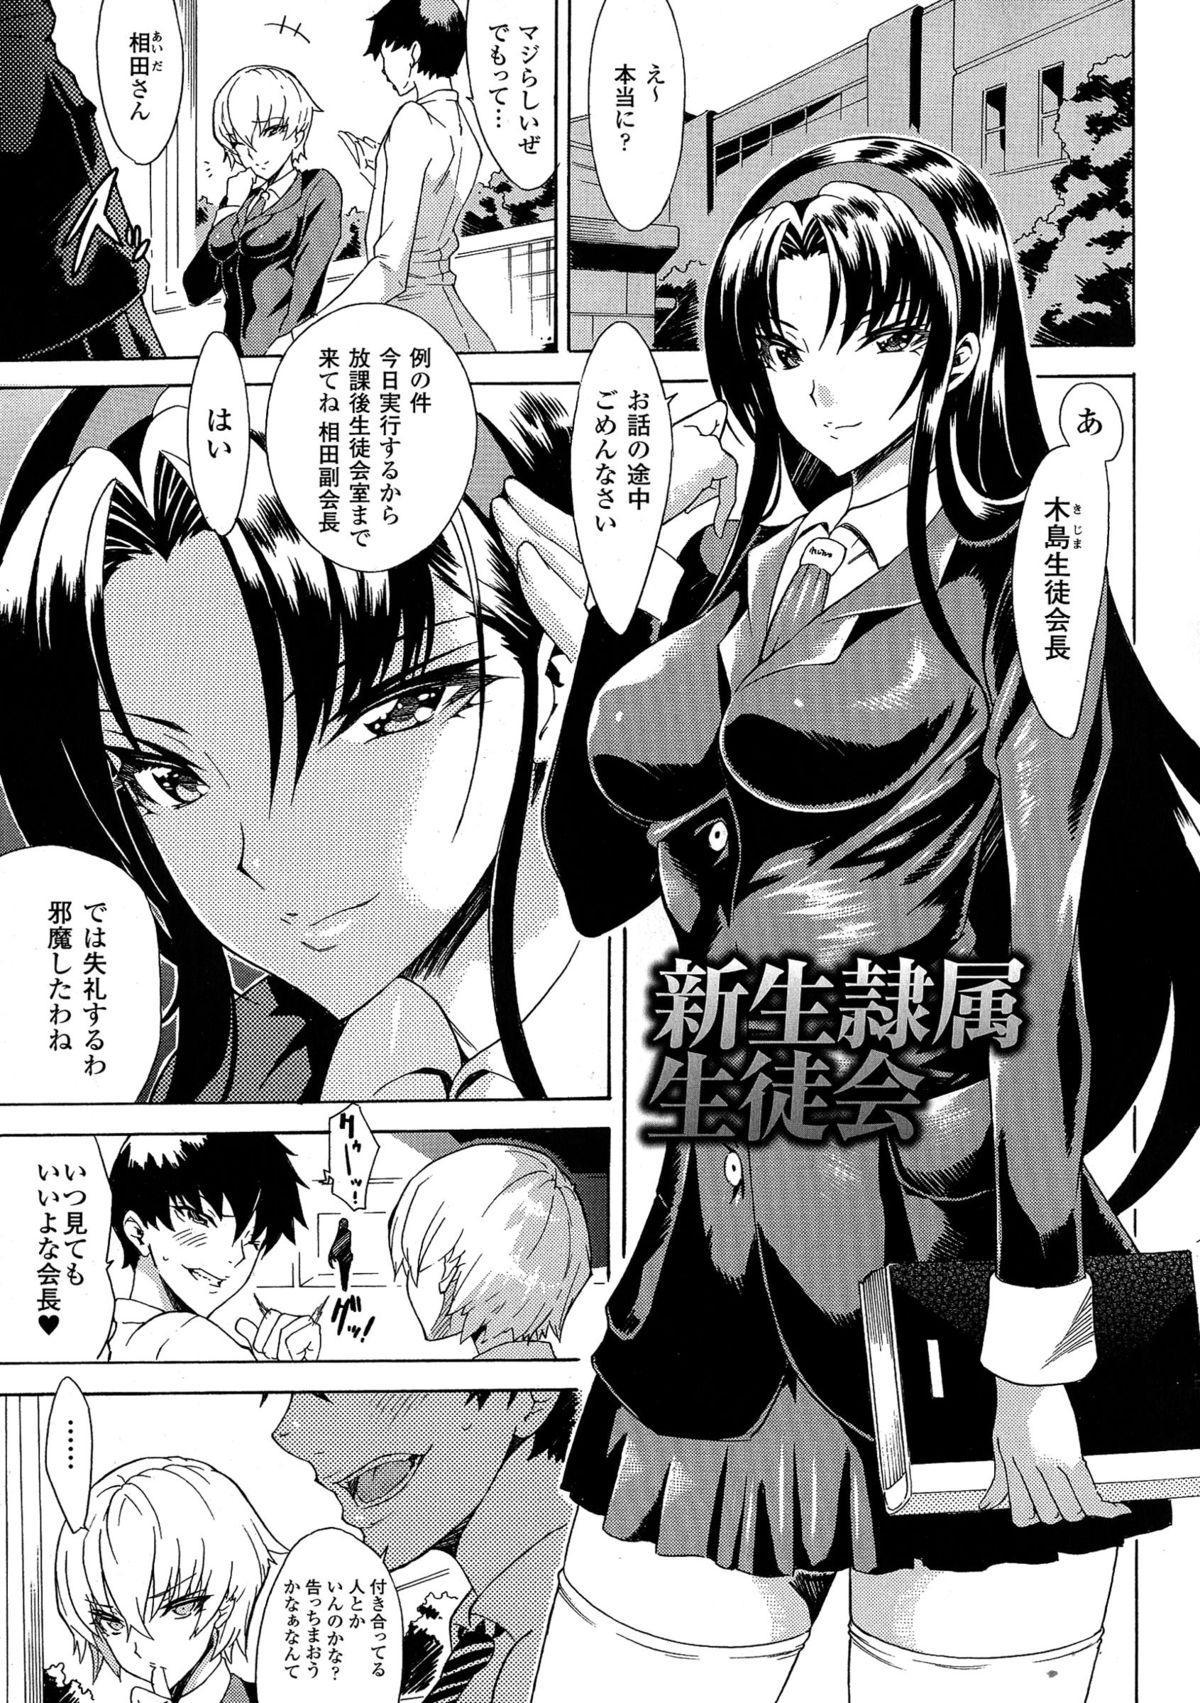 Kachiki na Onna ga Buzama na Ahegao o Sarasu made 44